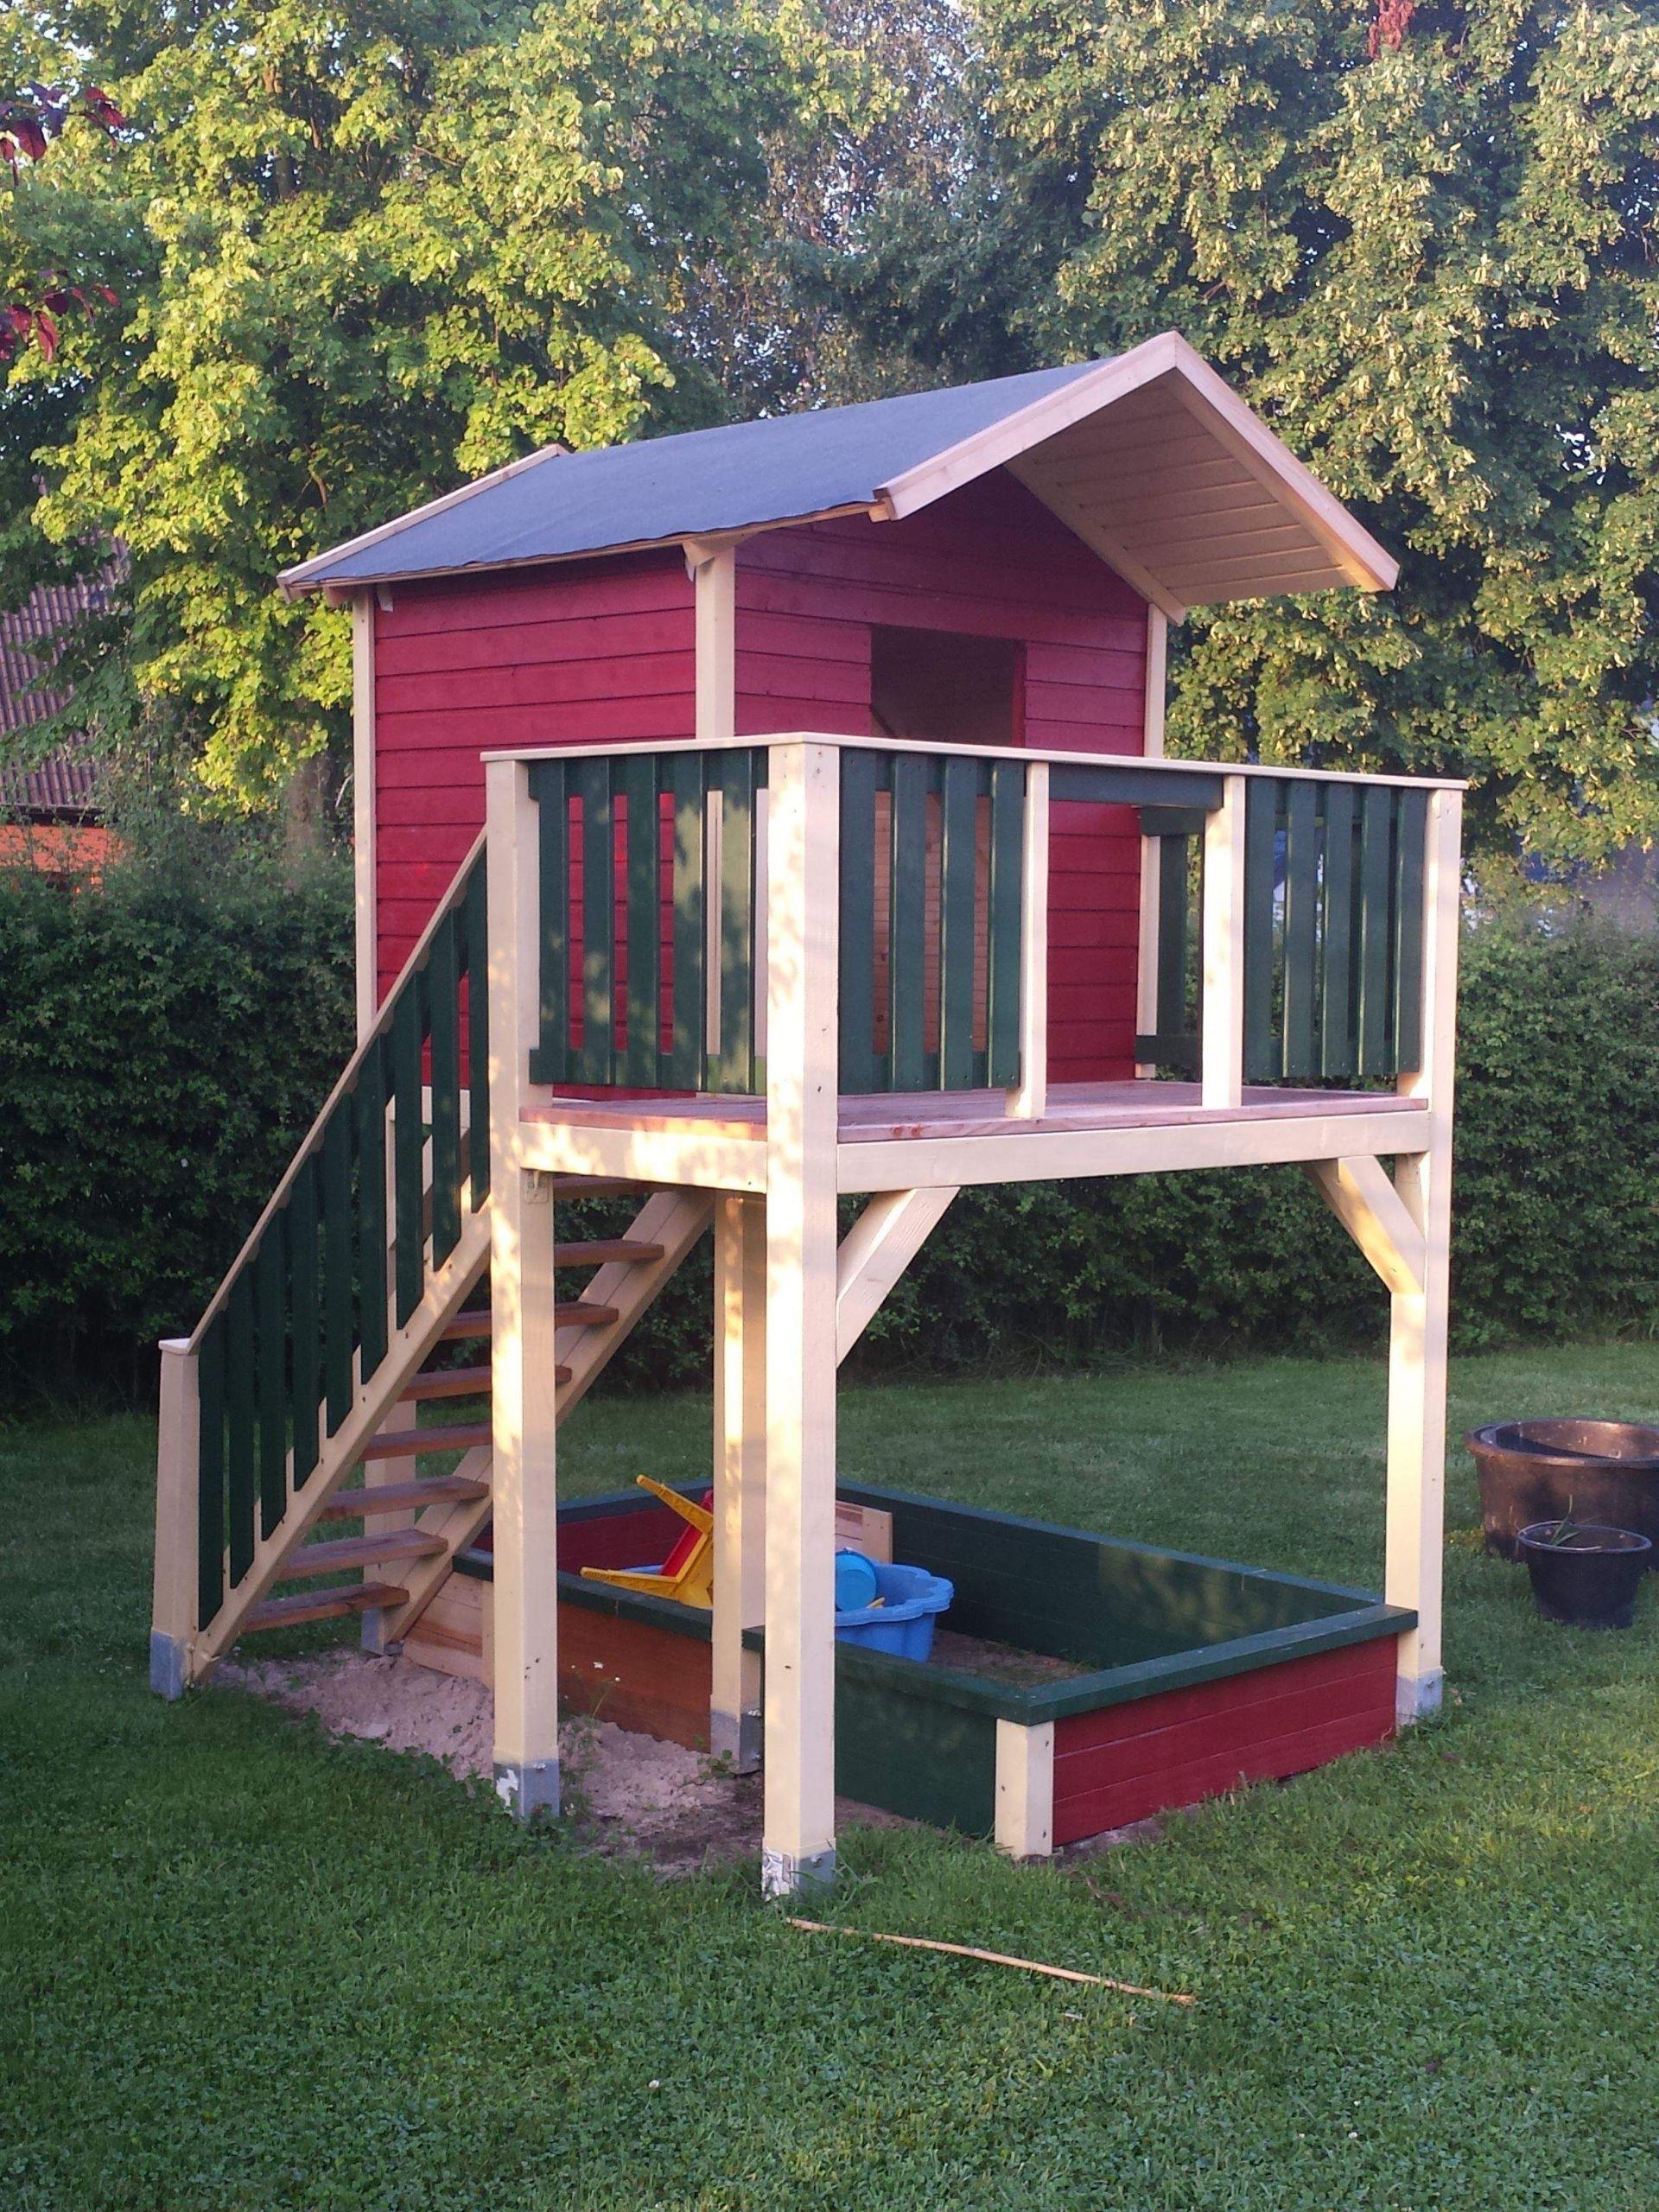 Kinder Haus Garten Inspirierend Spielturm Mit Treppe Bauanleitung Zum Selber Bauen